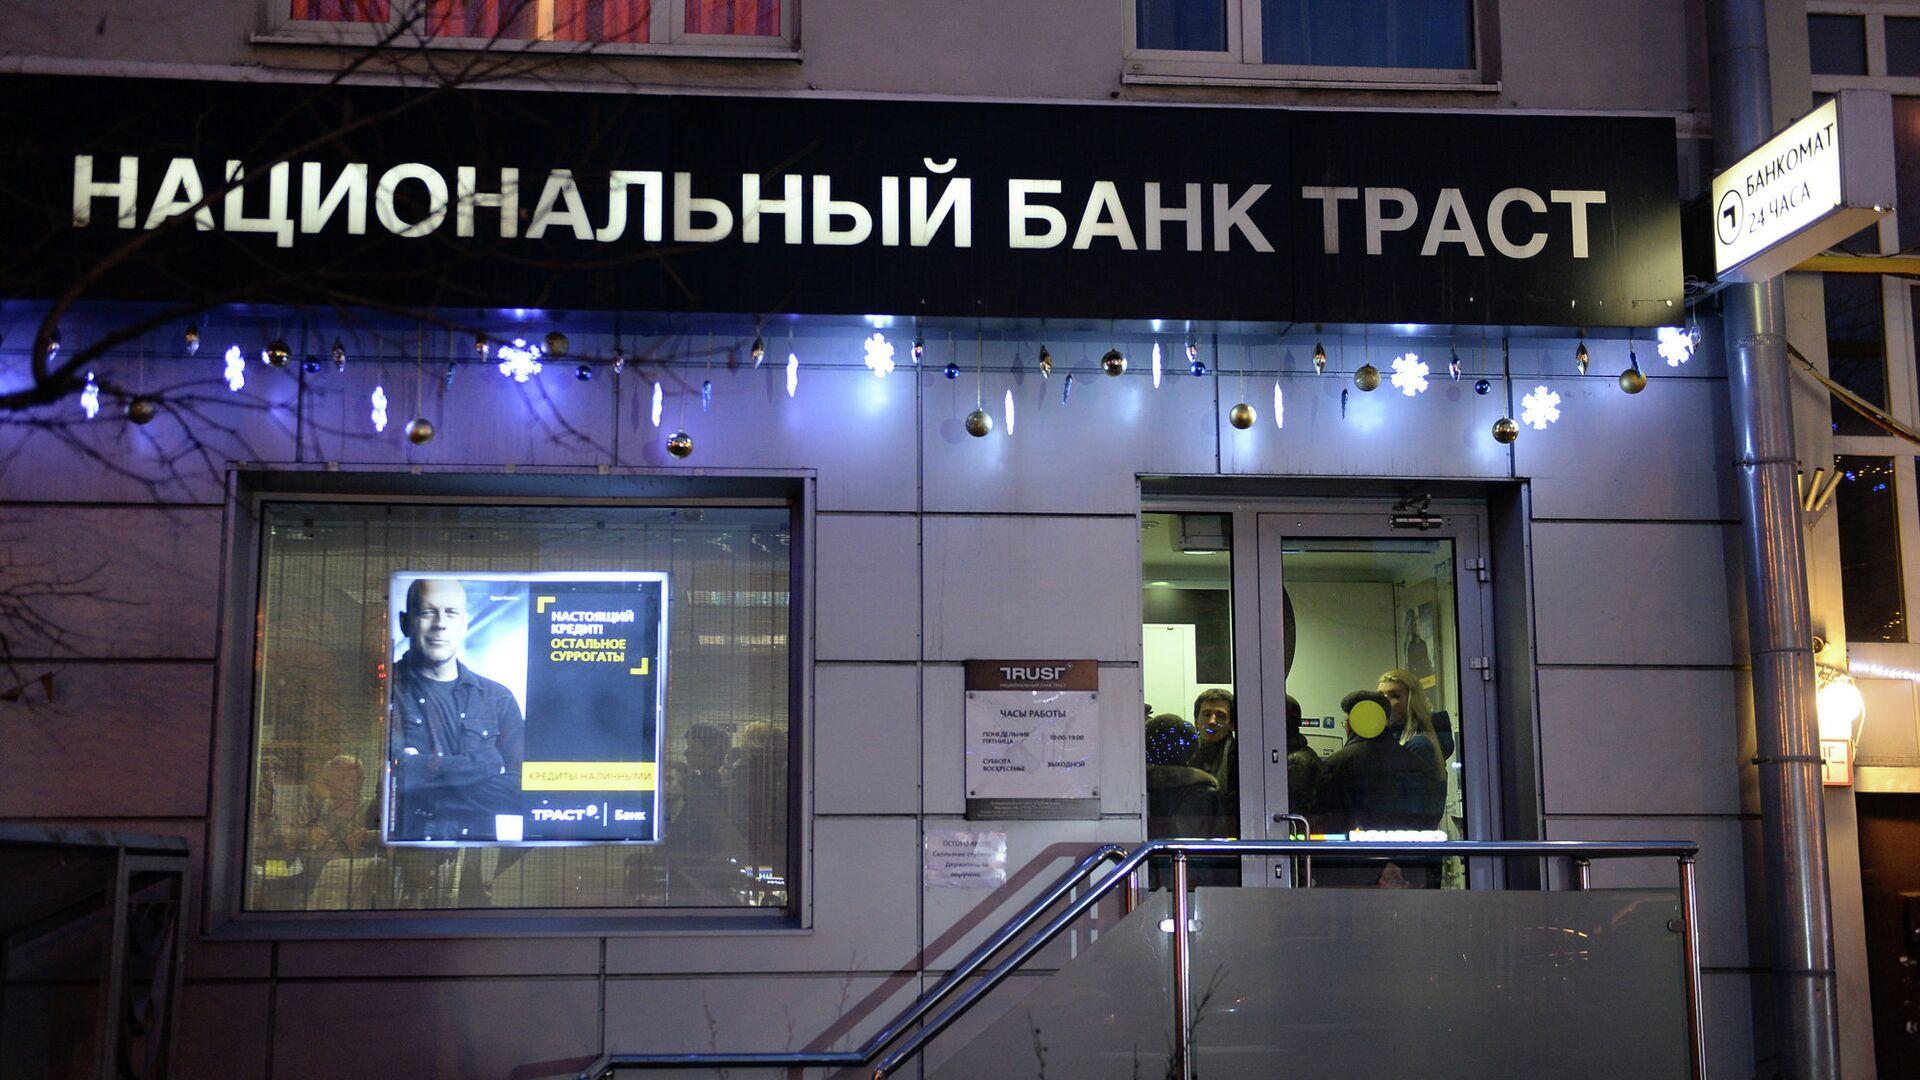 Офис банка Траст в Москве - РИА Новости, 1920, 23.11.2020